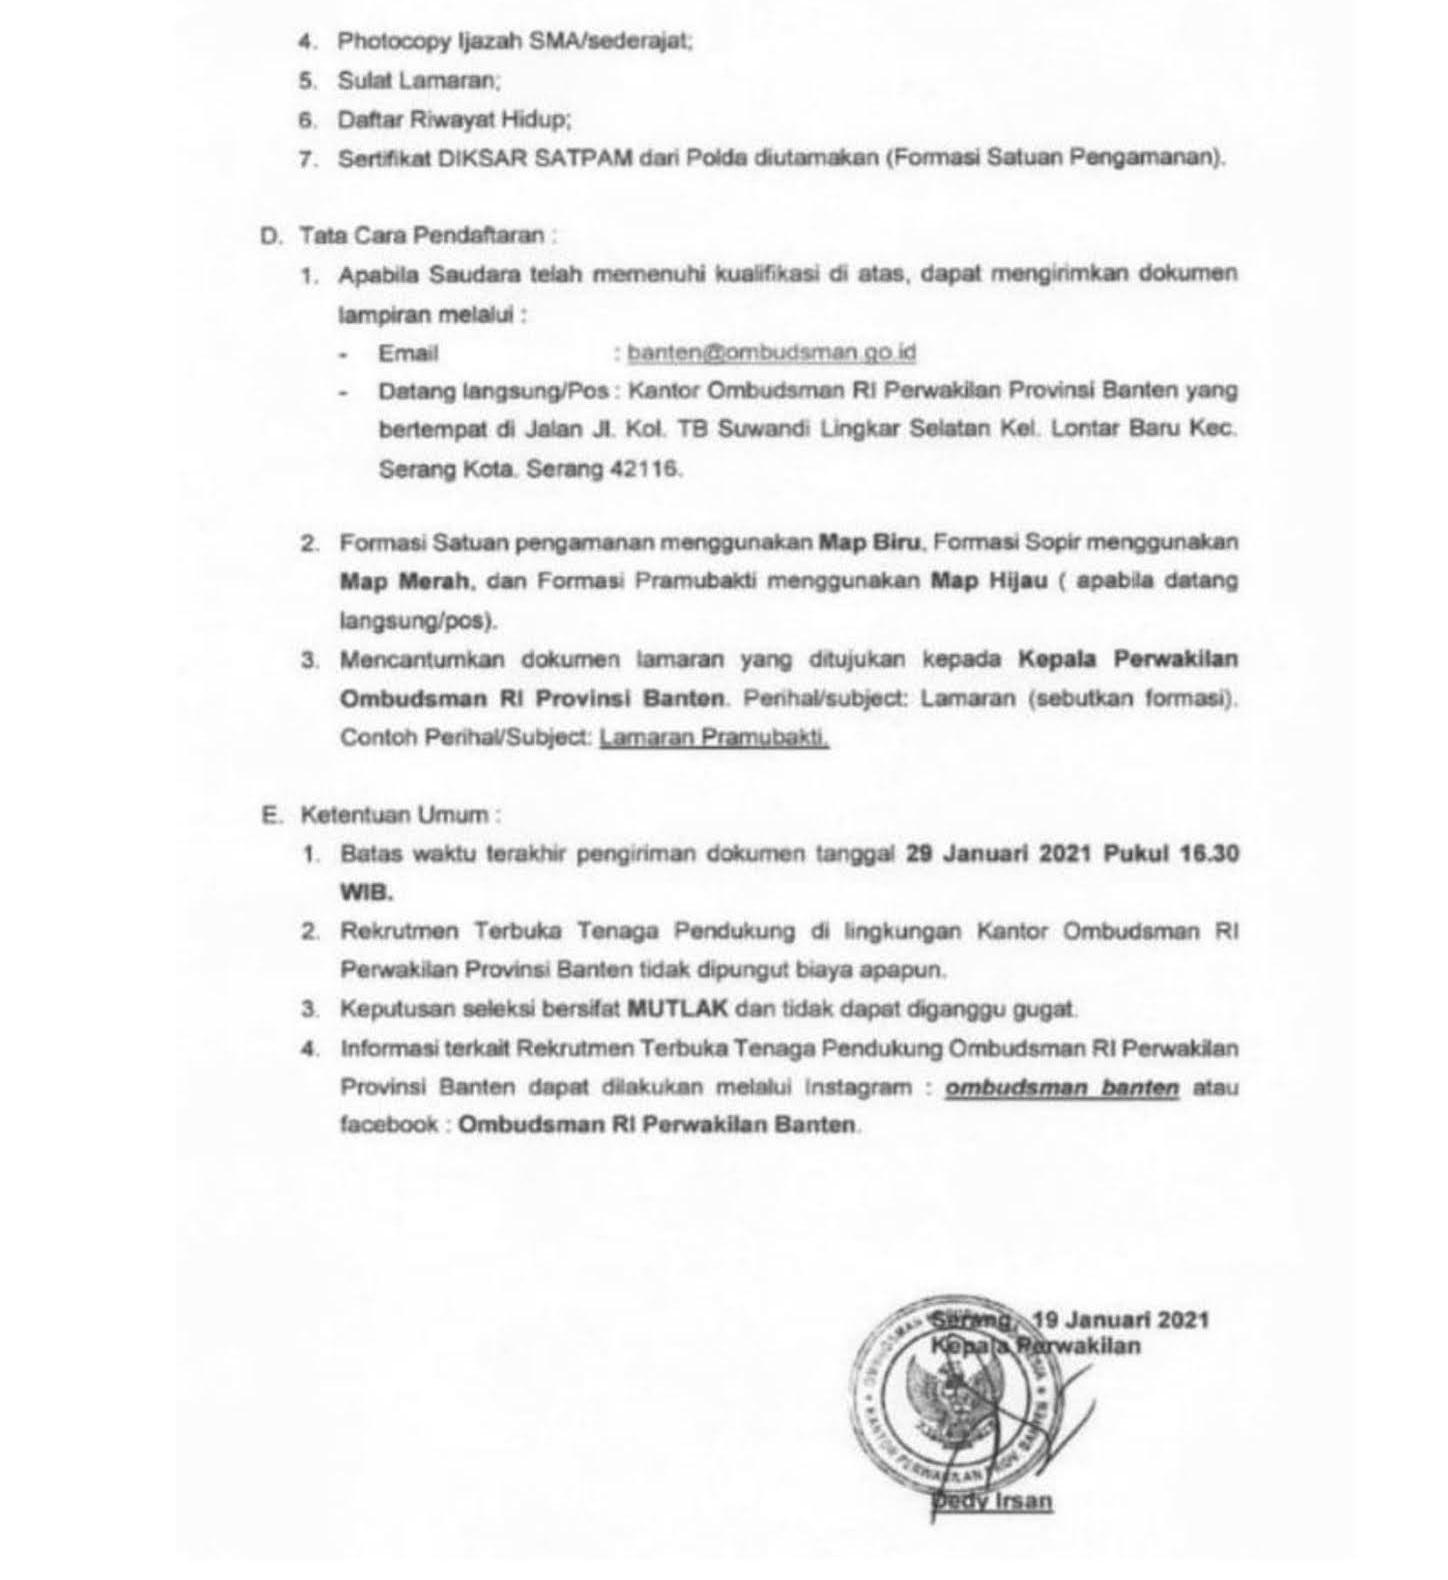 Lowongan Kerja Ombudsman RI Tingkat SMA SMK D3 Tahun 2021